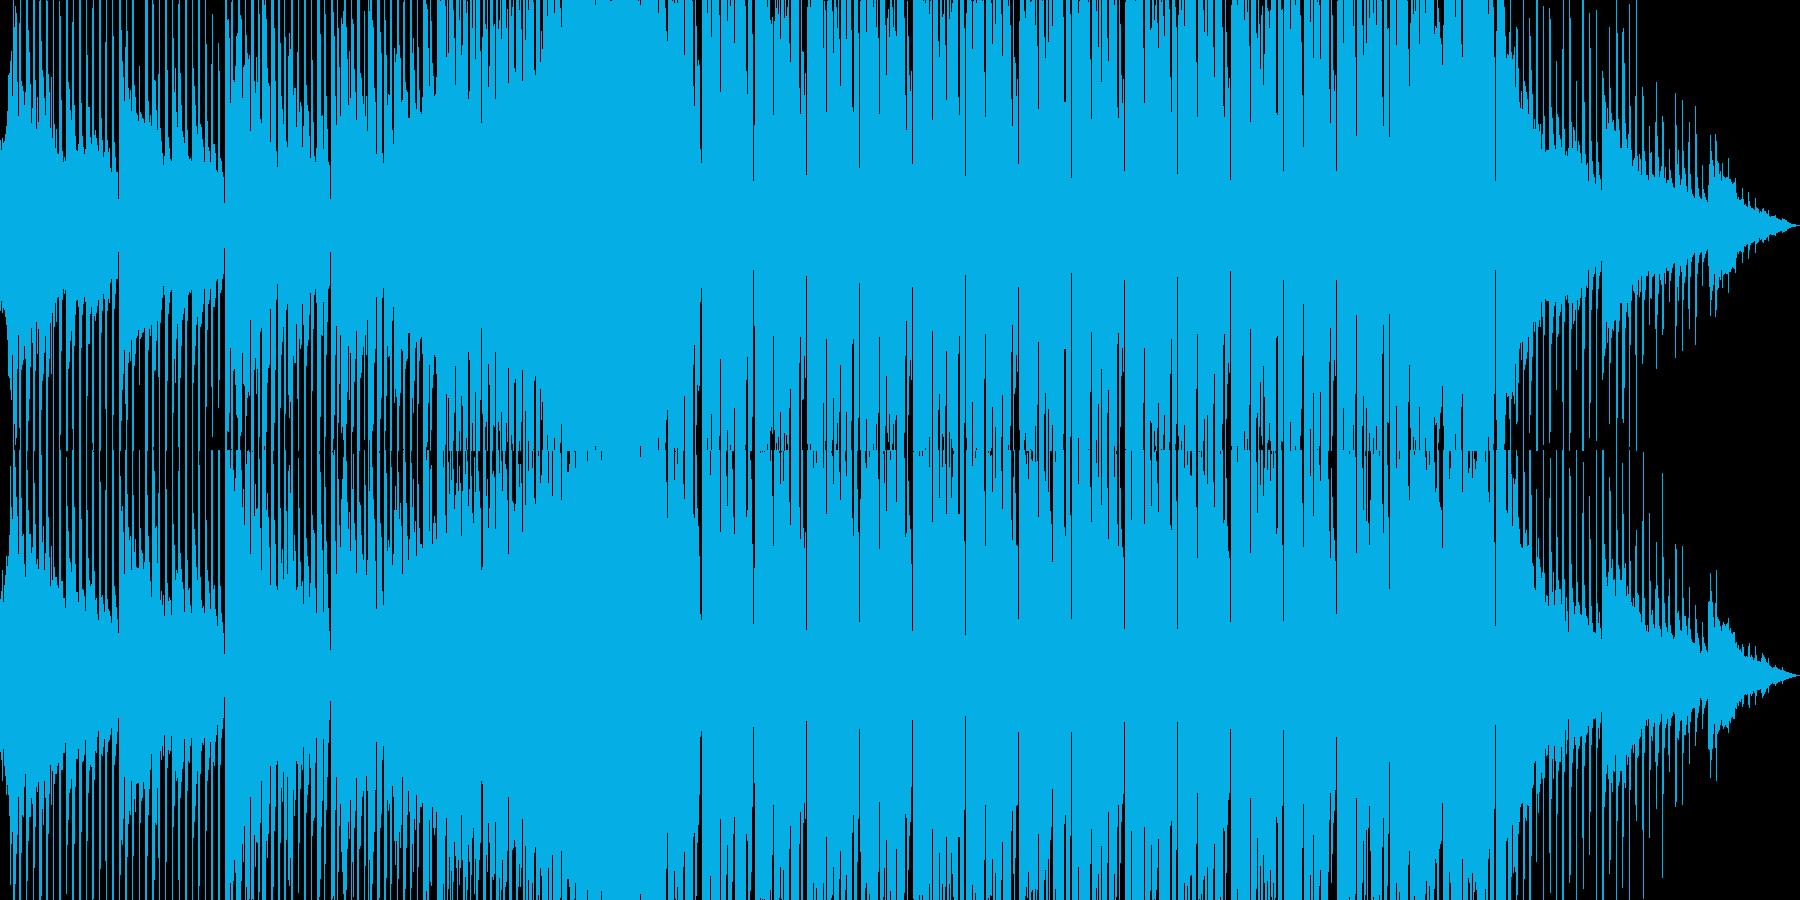 エレクトロポップな可愛いダンスBGMの再生済みの波形